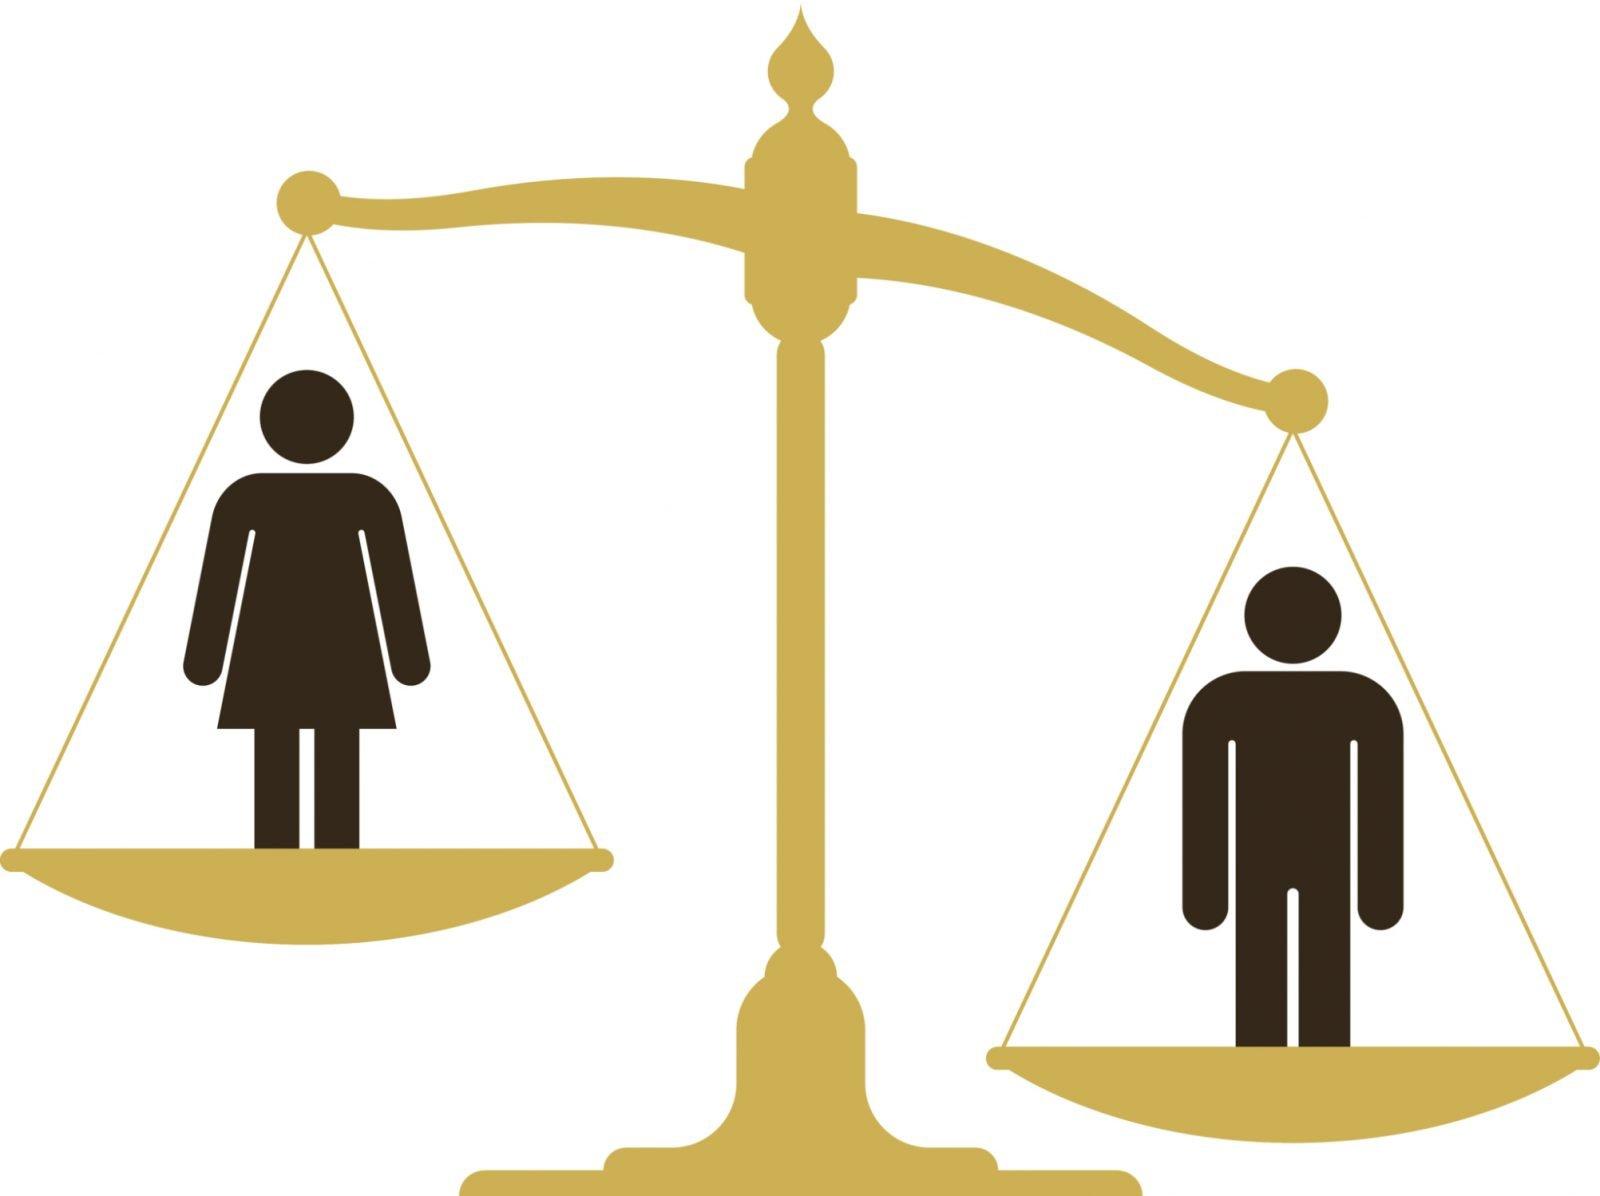 Cinsiyet Eşitsizliği Üzerine Sarsıcı & İzlenesi Ted Konuşmaları Listesi